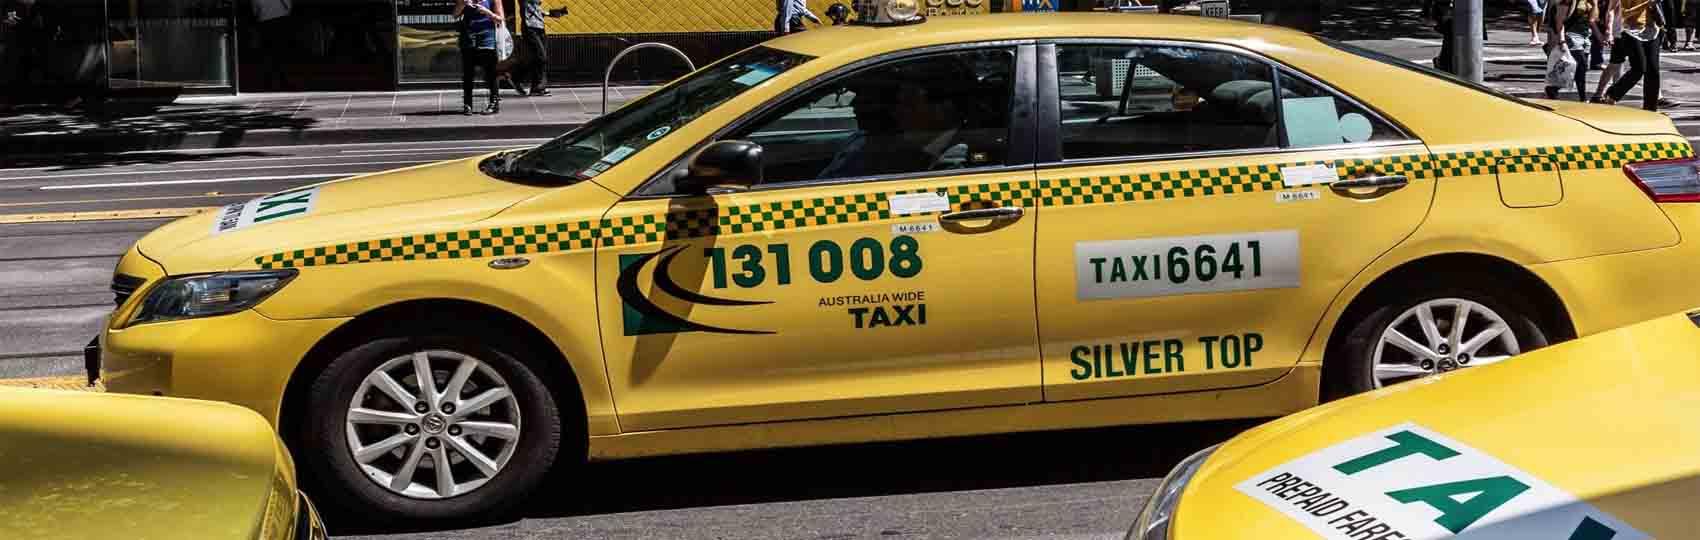 Noticias del sector del taxi y la movilidad en Australia. Mantente informado de todas las noticias del taxi de Australia en el grupo de Facebook de Todo Taxi.